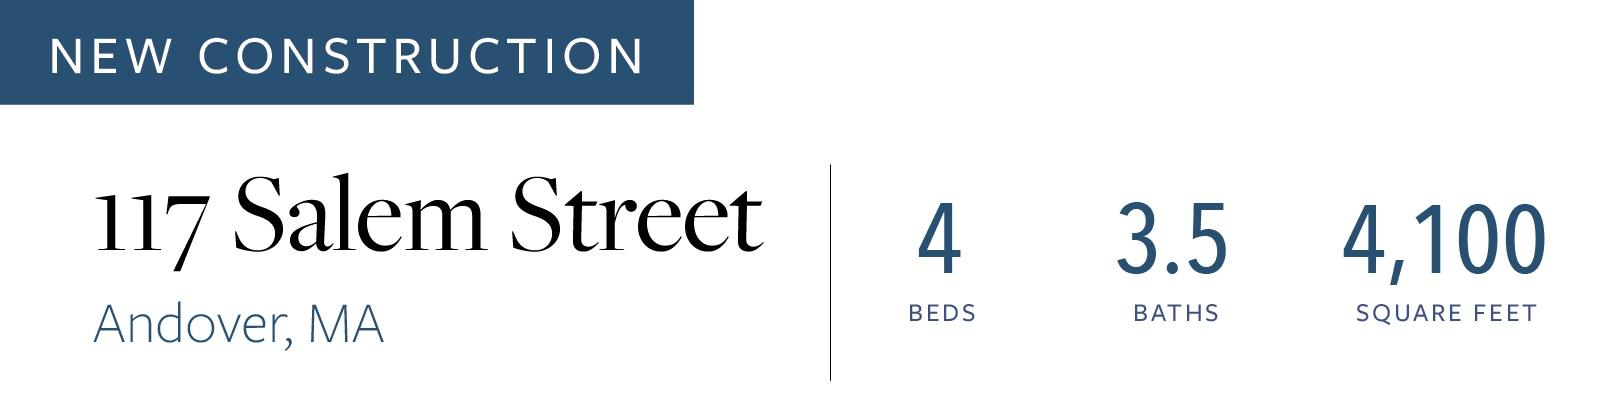 117+Salem+Street+2Artboard+1%402x.jpg